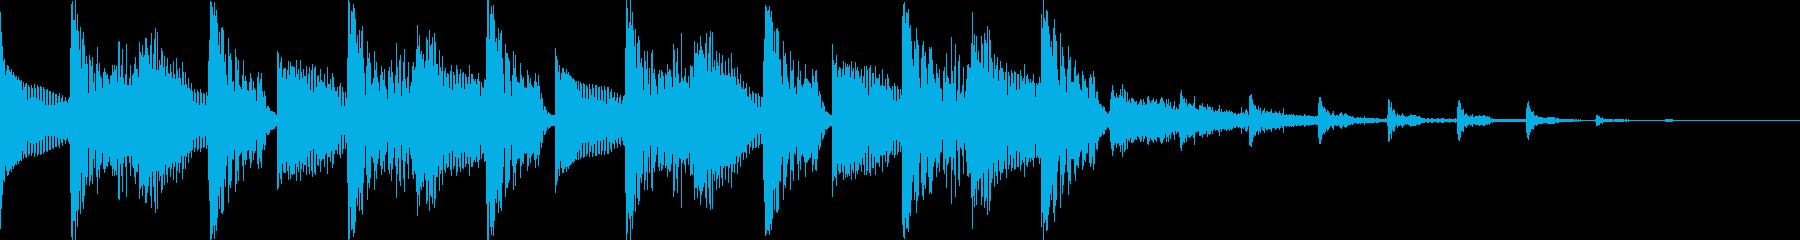 かっこいいEDMジングルの再生済みの波形